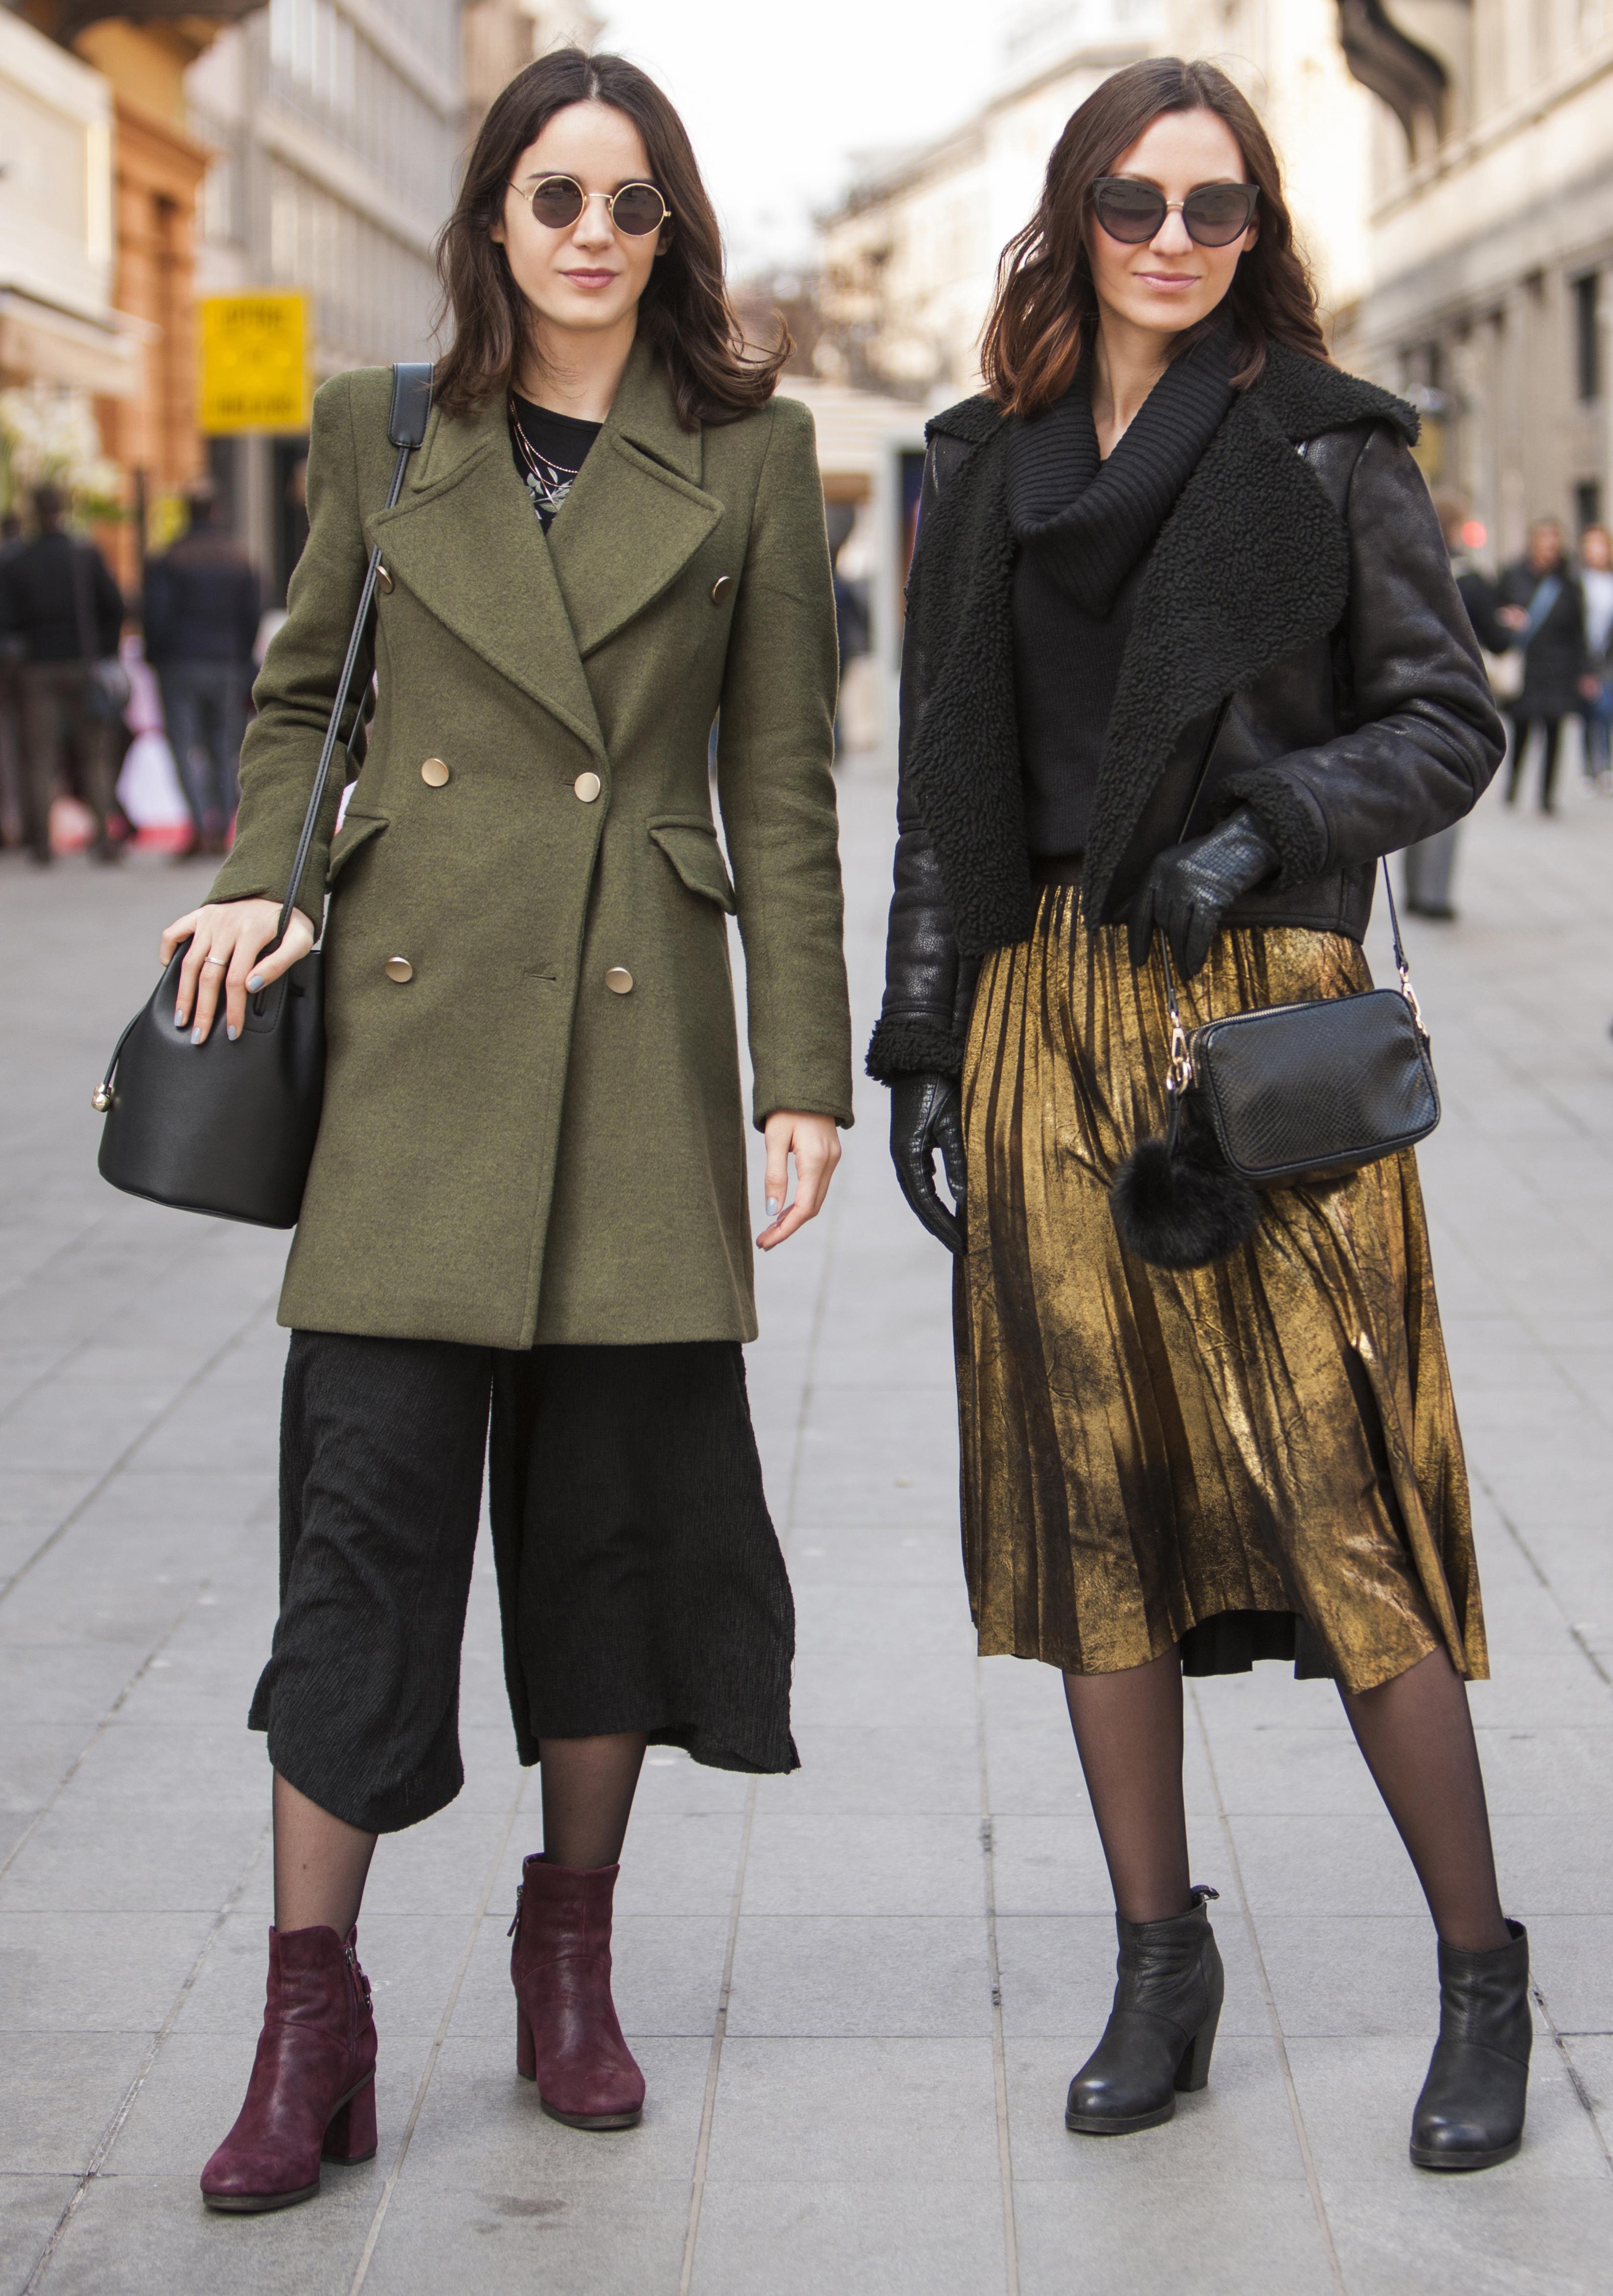 Zgodne, uspješne i stylish: Upoznajte dvije inspirativne djevojke